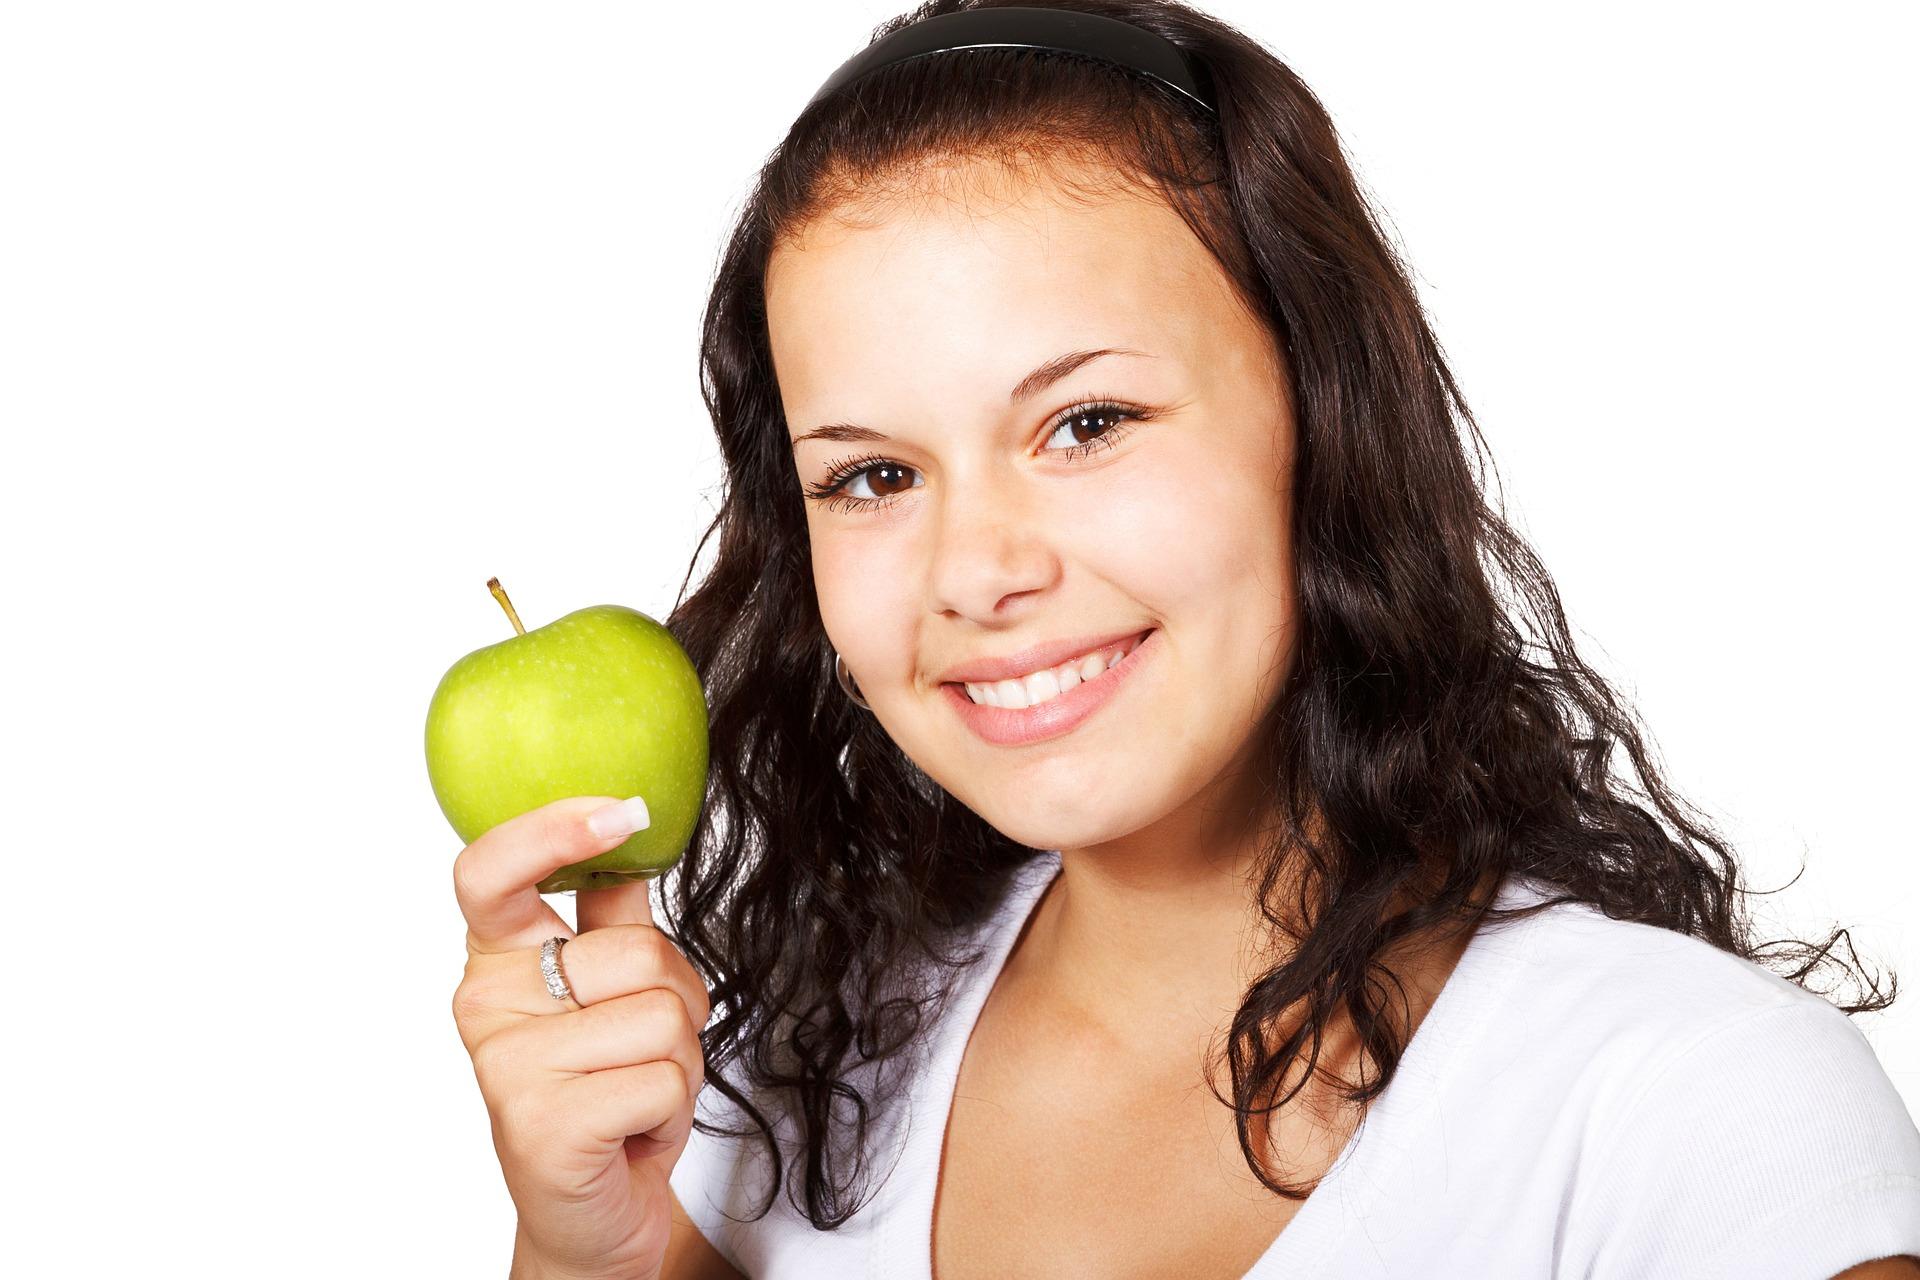 Teen with an apple